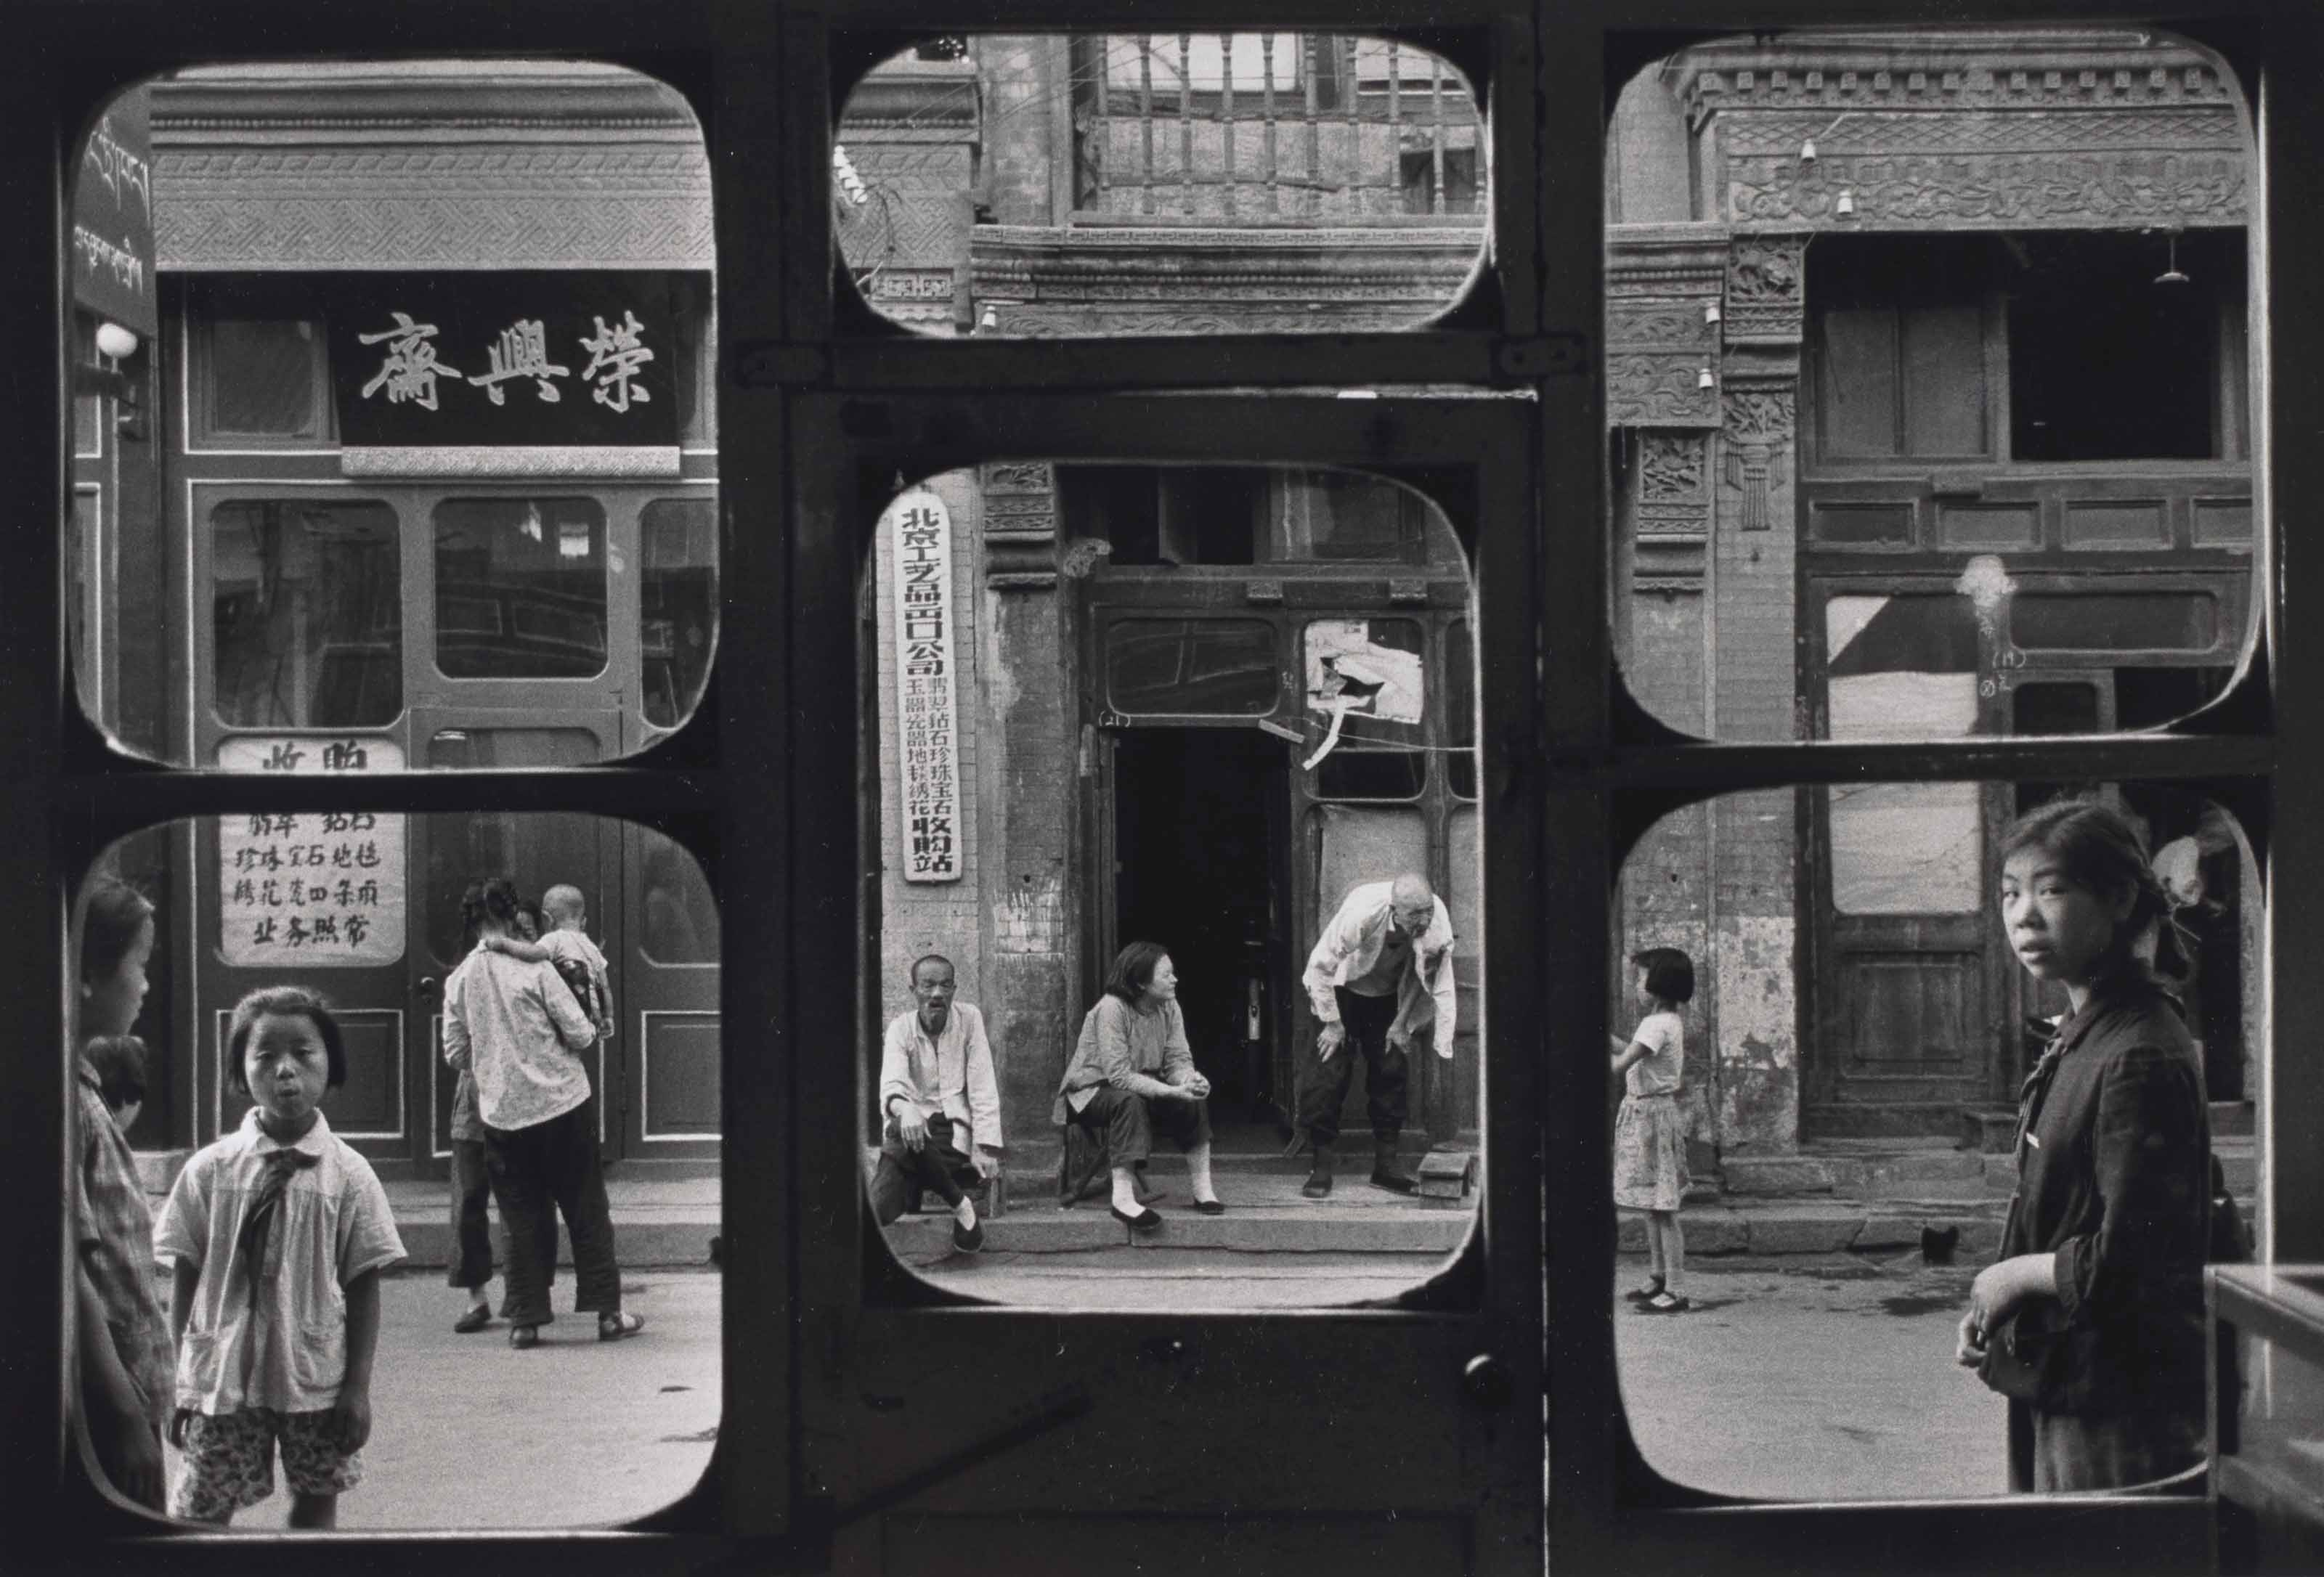 China, 1965